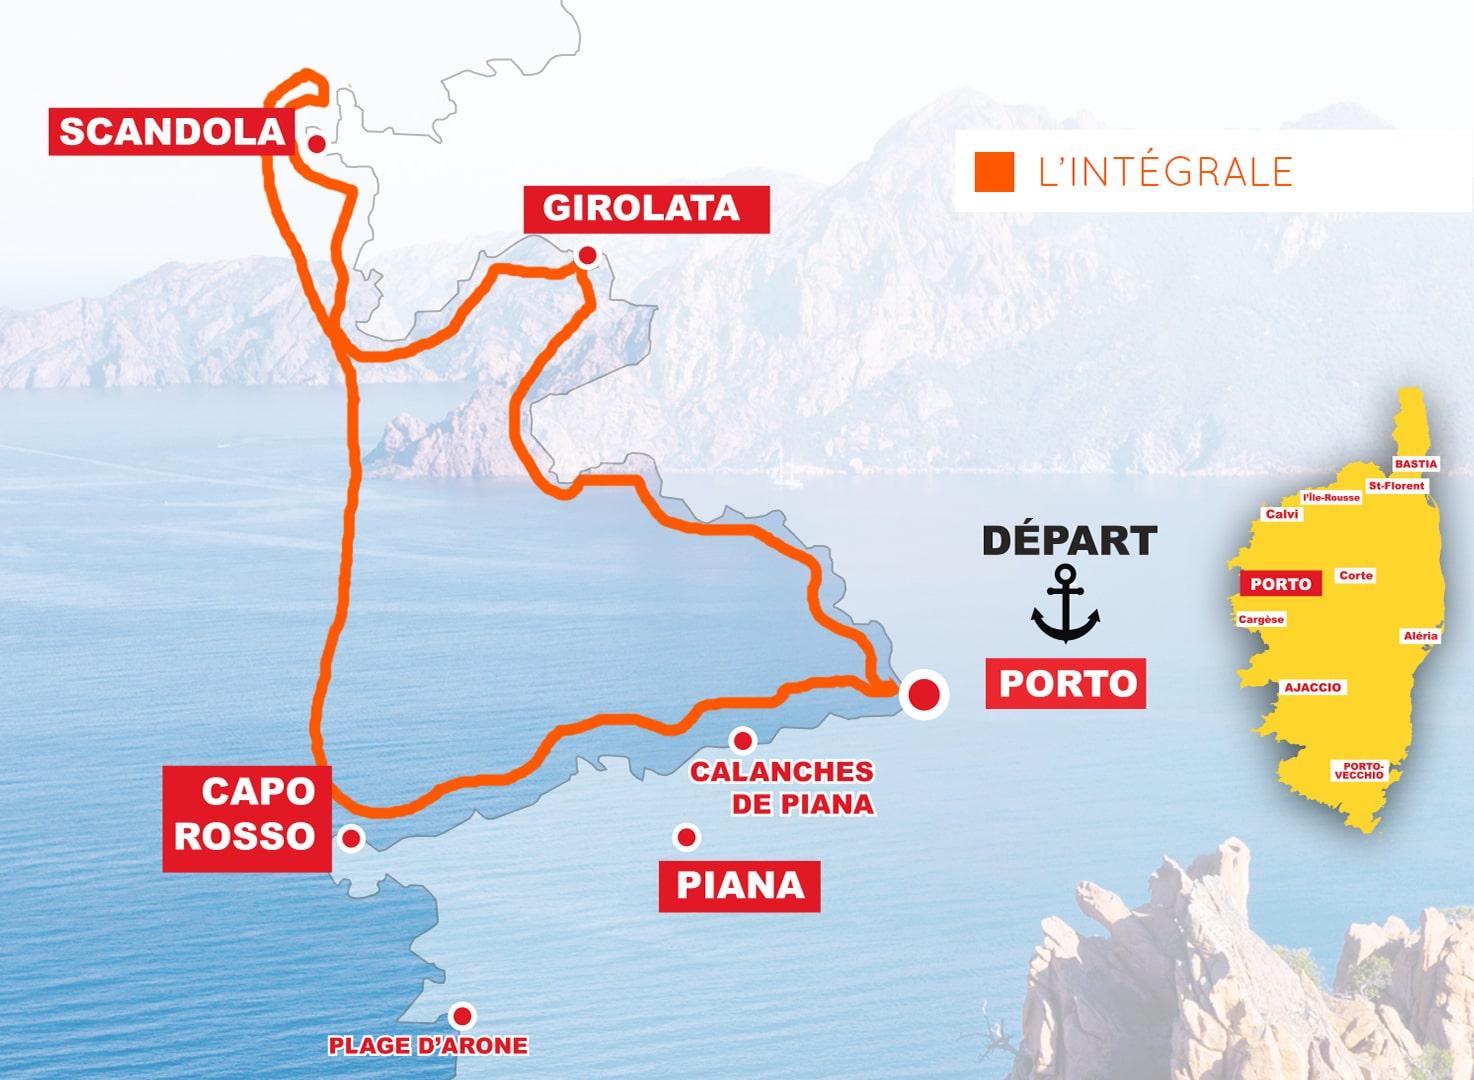 L'intégrale Corse Adrenaline (3H30) : Scandola – Girolata – Calanche de Piana – Capo Rosso